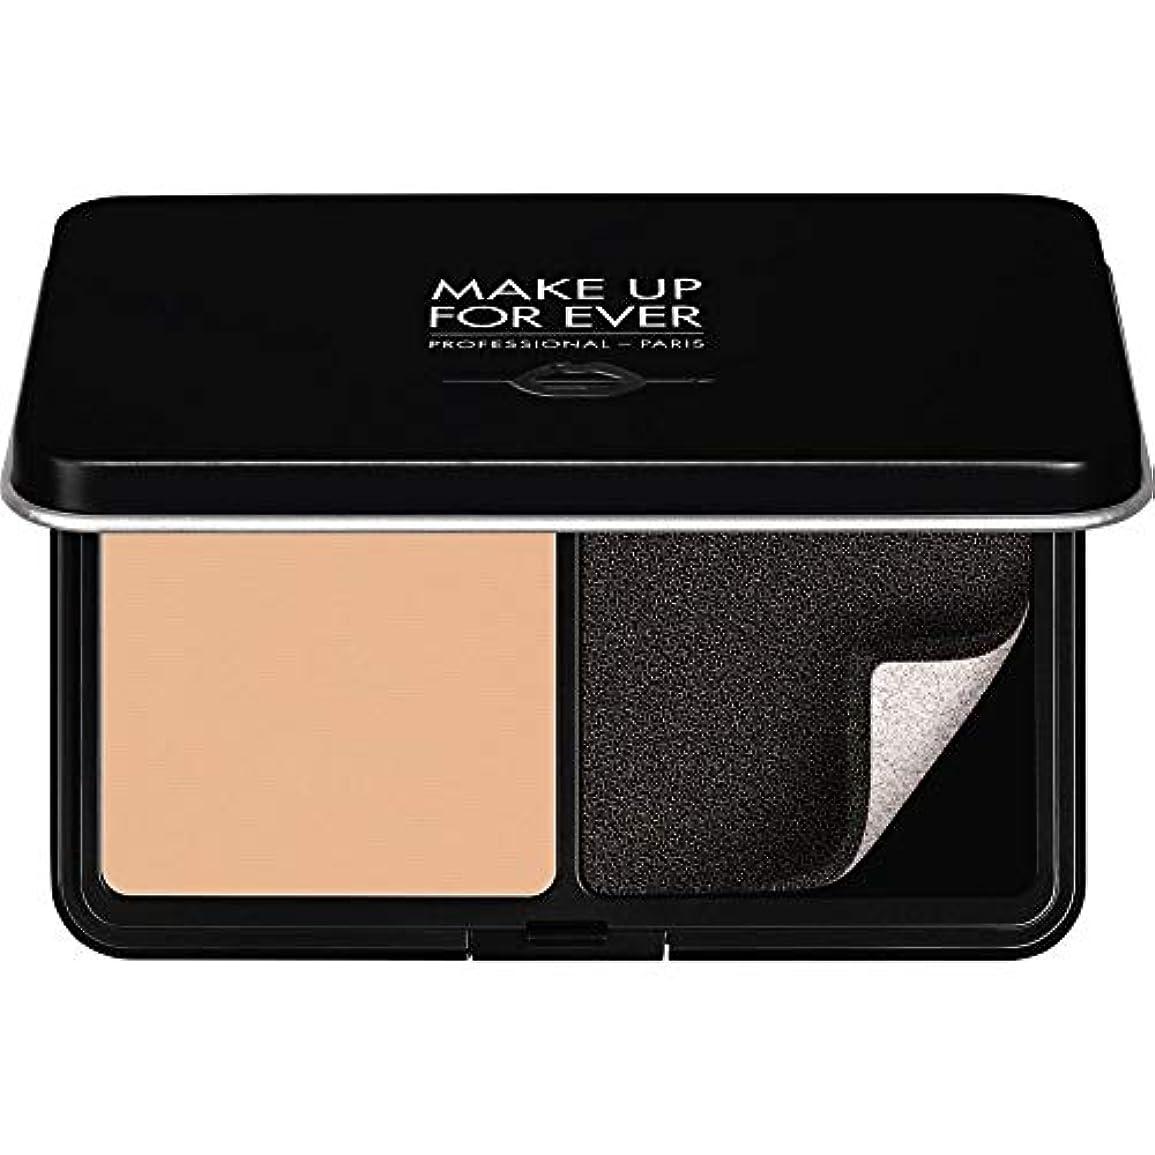 降伏案件子供っぽい[MAKE UP FOR EVER ] パウダーファンデーション11GののR230をぼかし、これまでマットベルベットの肌を補う - アイボリー - MAKE UP FOR EVER Matte Velvet Skin Blurring...